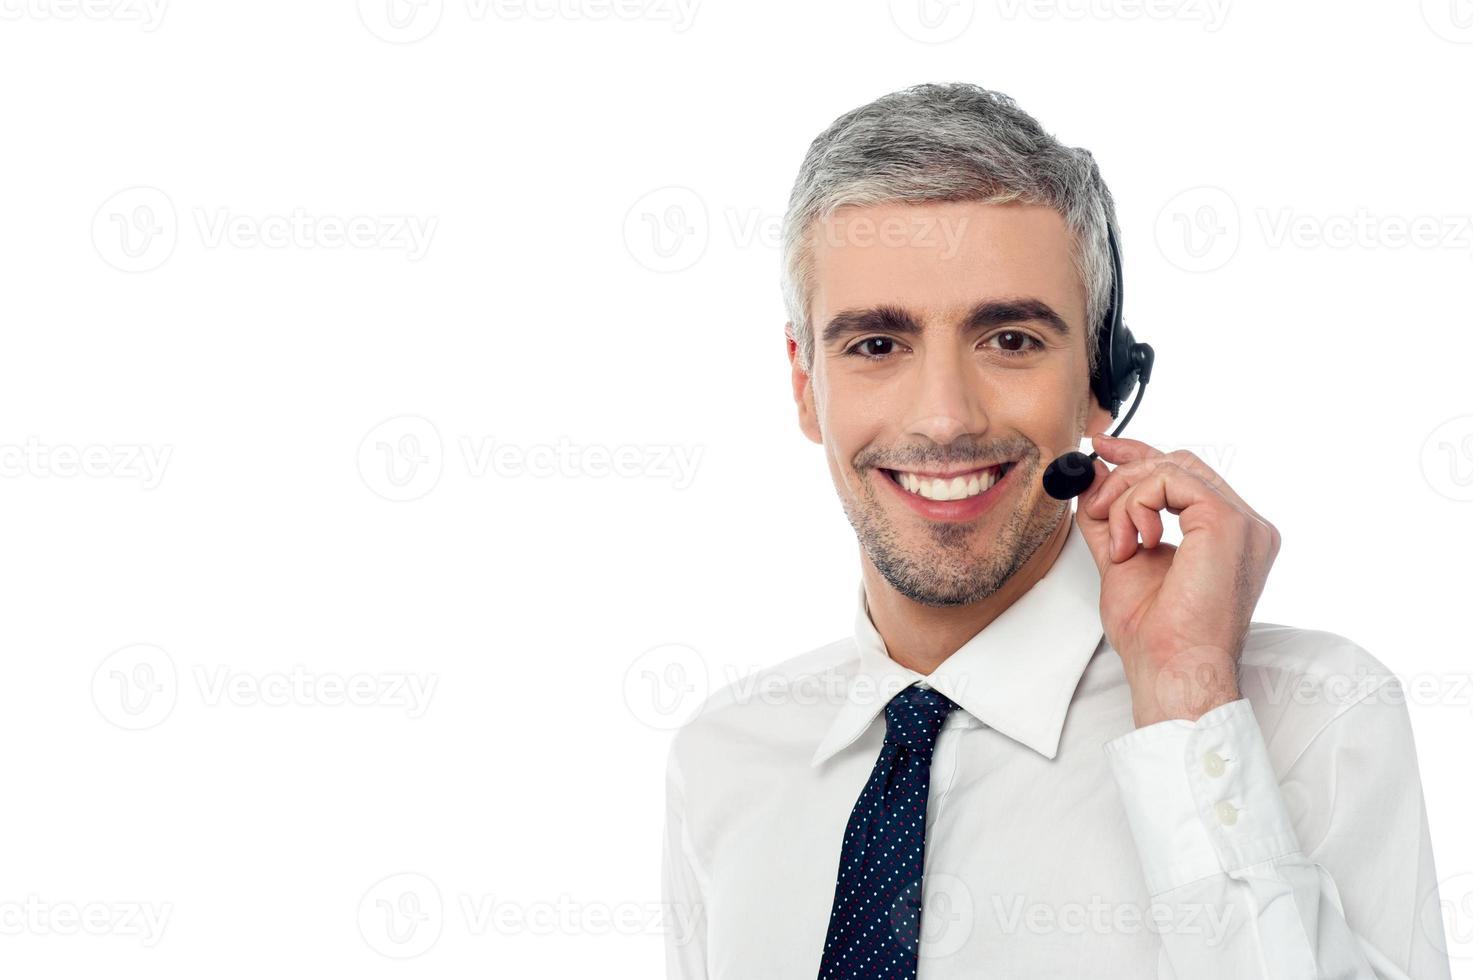 lachende klantenondersteuningsmedewerker foto